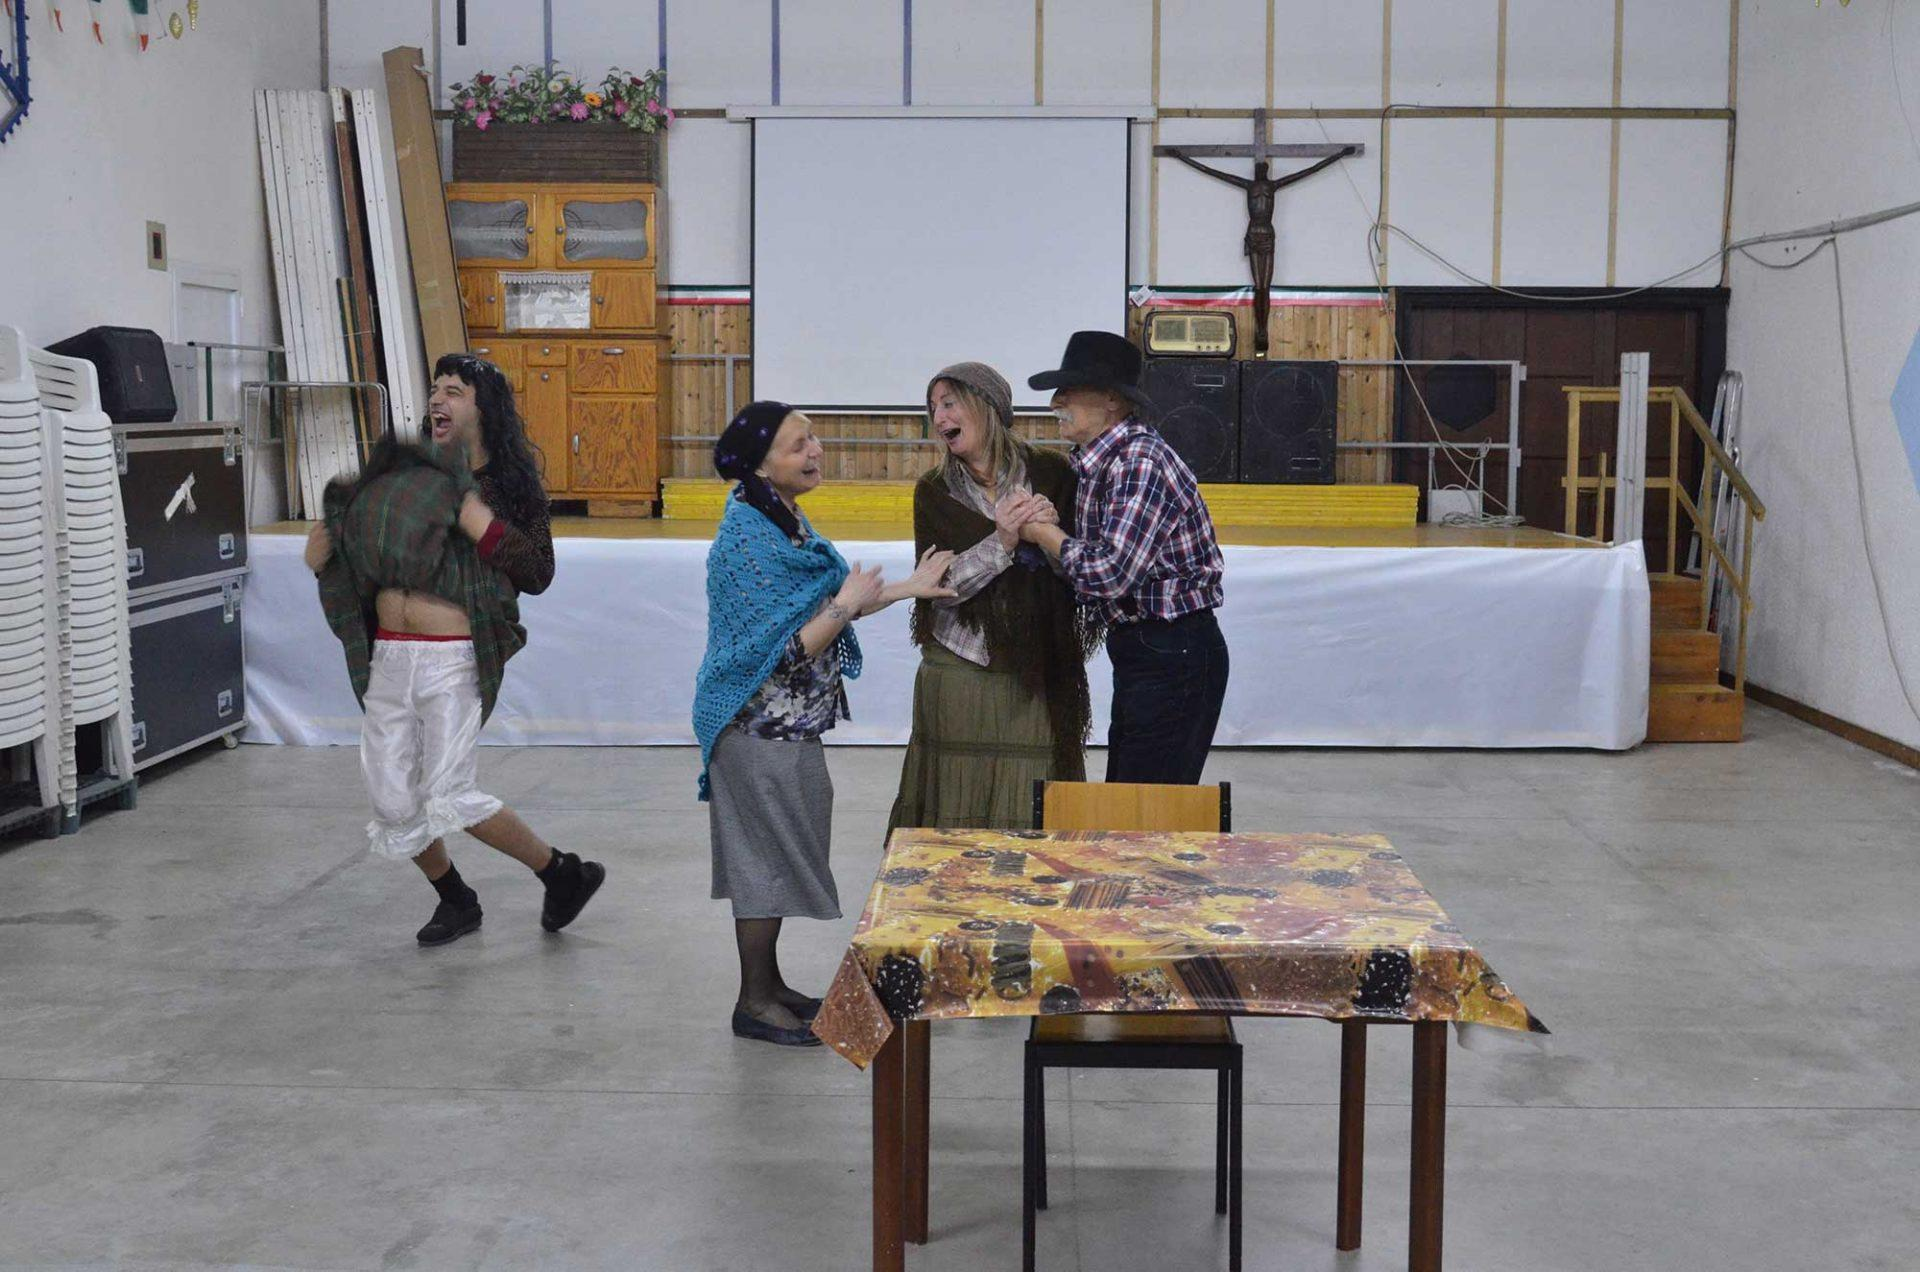 teatro-dialettale-rubban-nu-malate-un-po-strane-marrucino-3